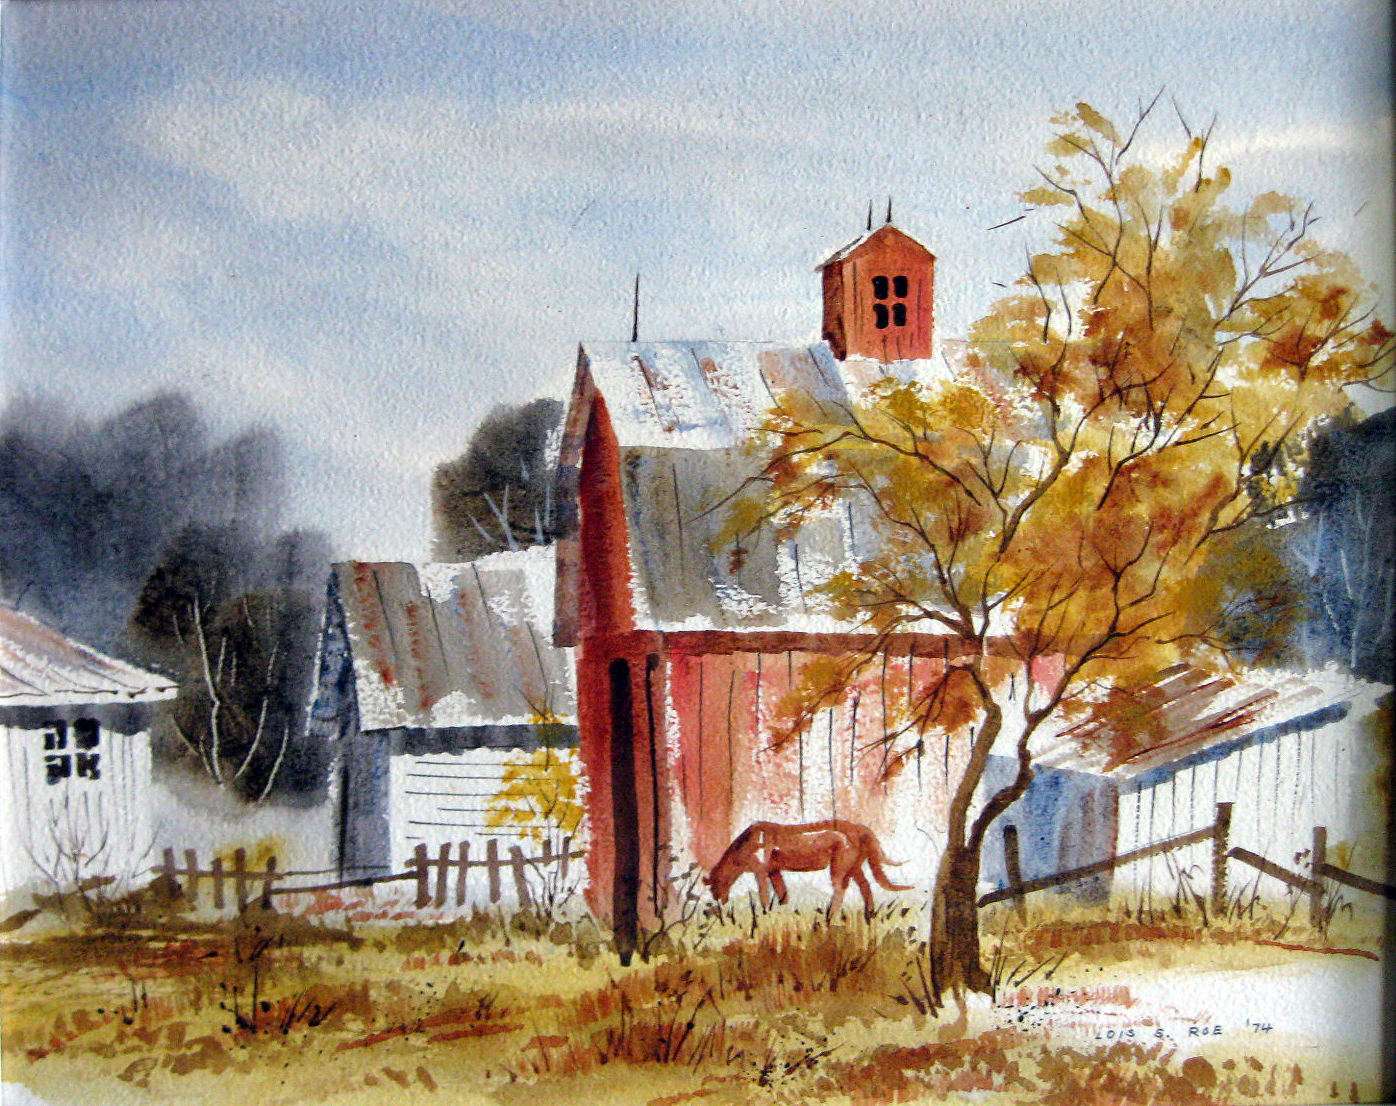 Roe, Lois S. - Autumn Pature